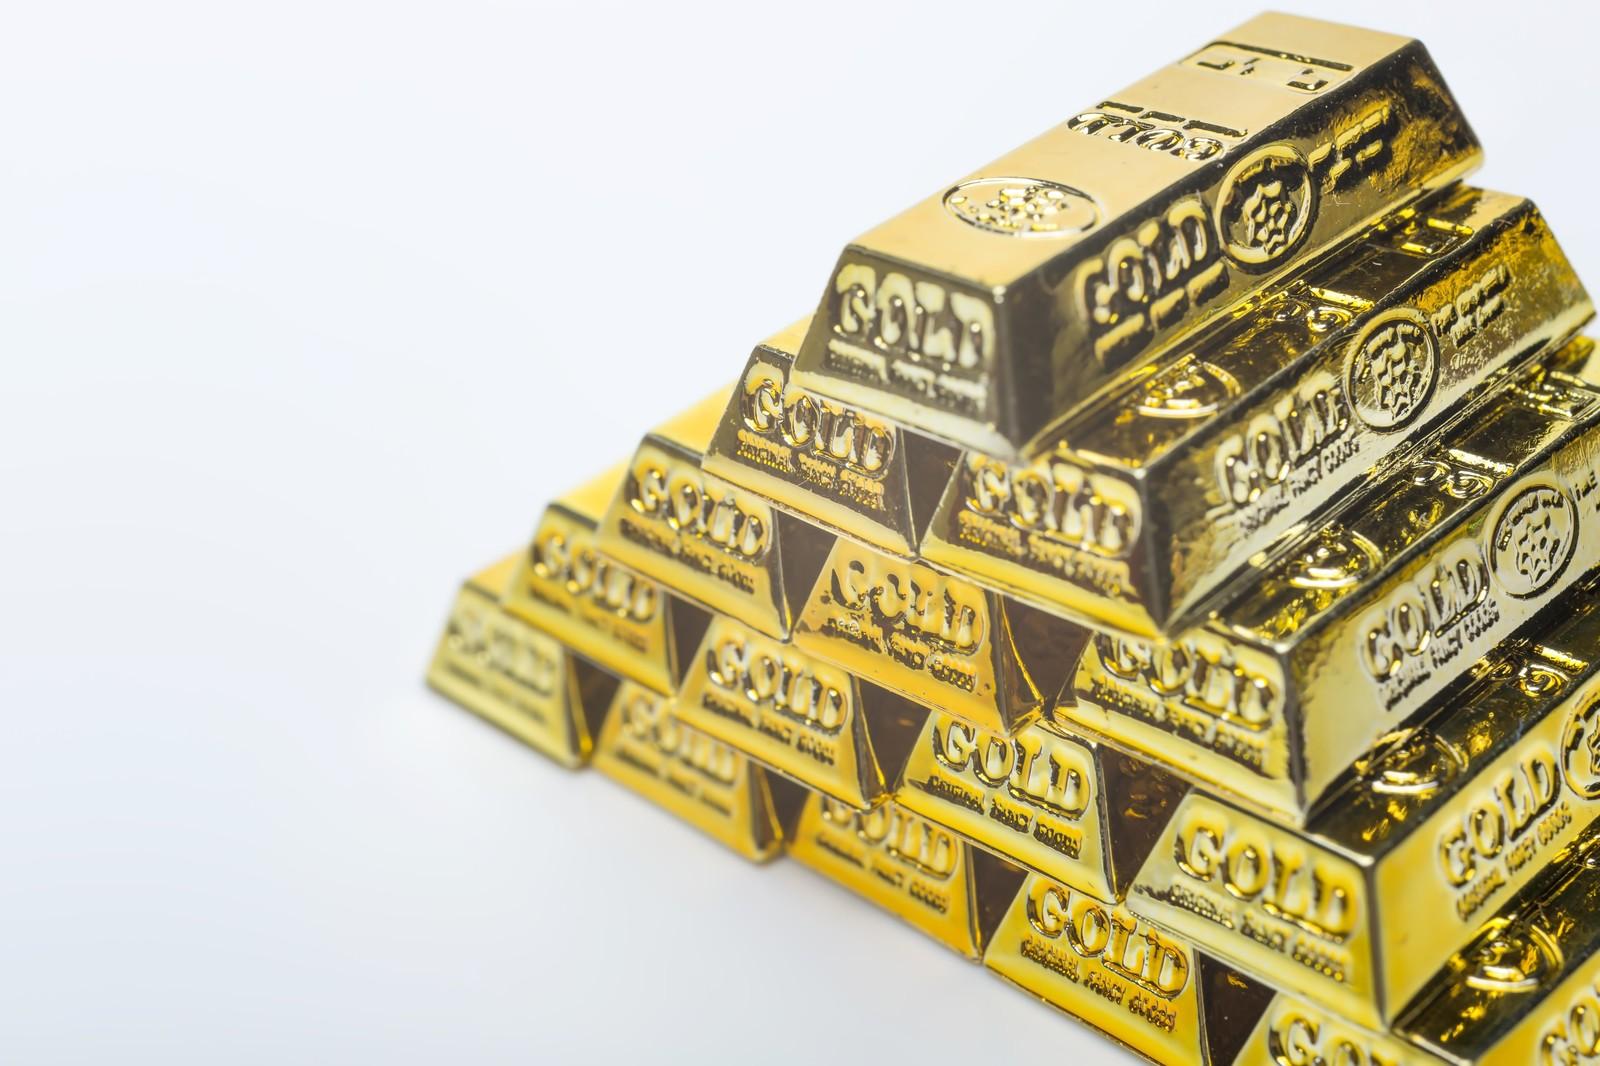 純粋な金「純金」の魅力